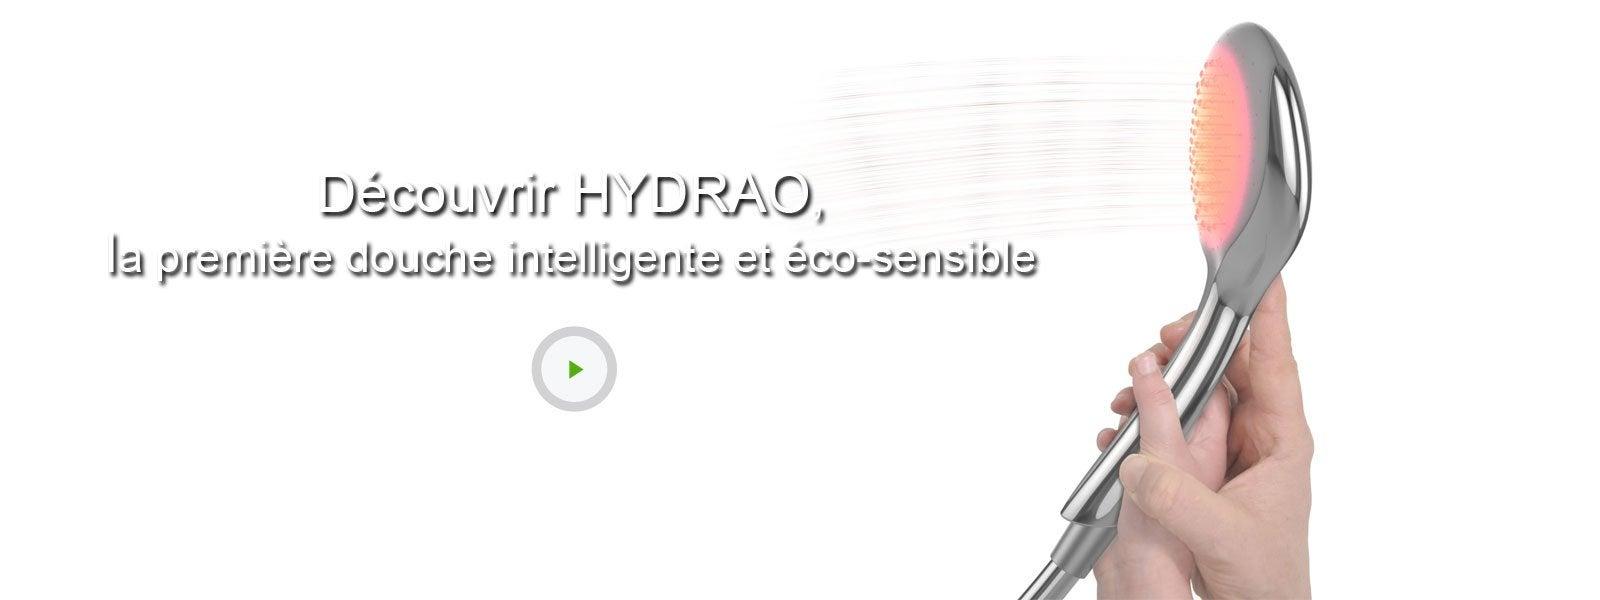 Video - Découvrir HYDRAO, la première douche intelligente et éco-sensible